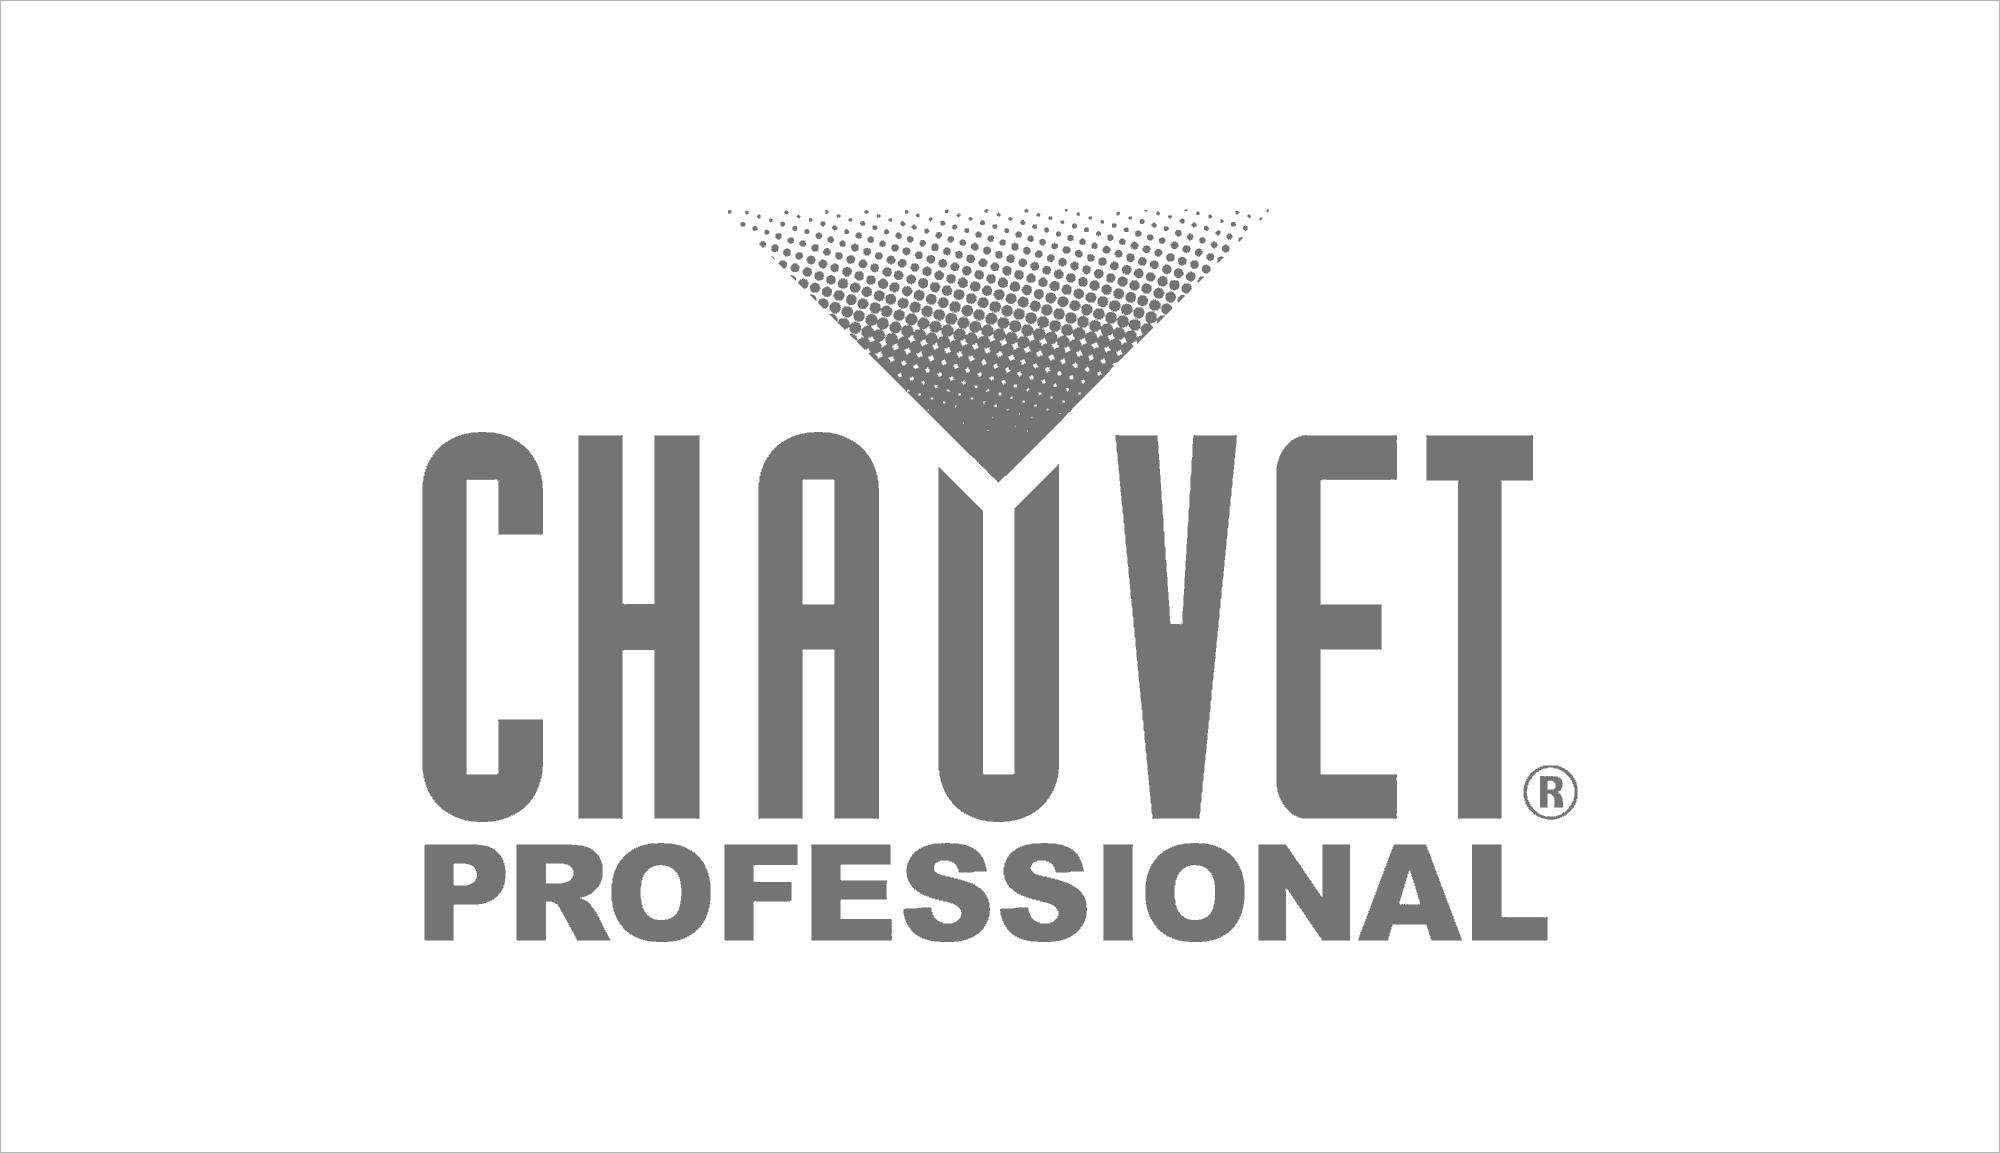 Chauvet proffessional